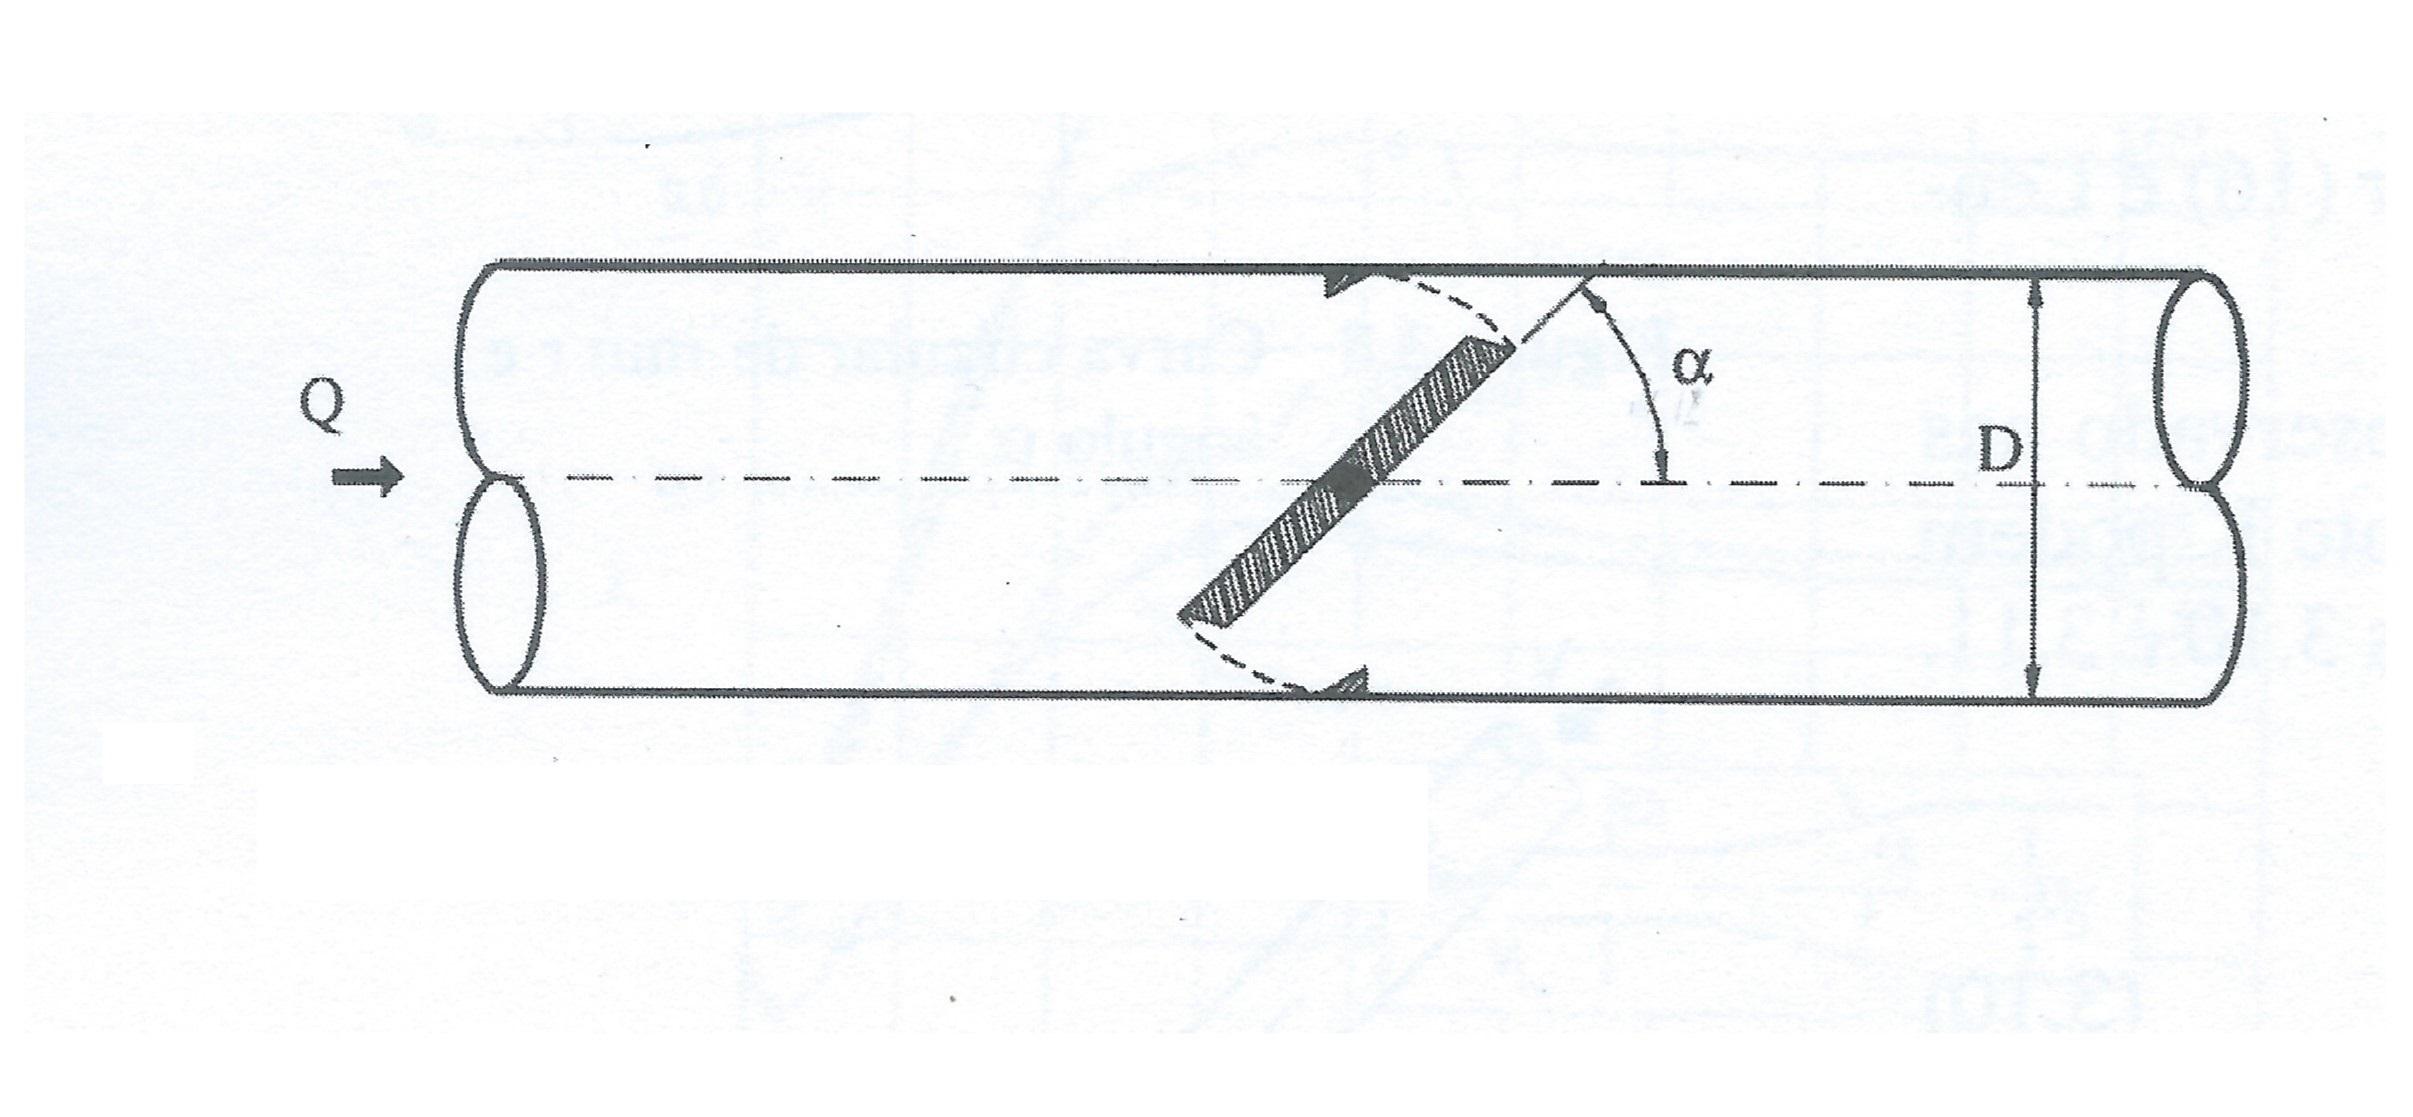 Desenho esquemático de uma válvula de borboleta.